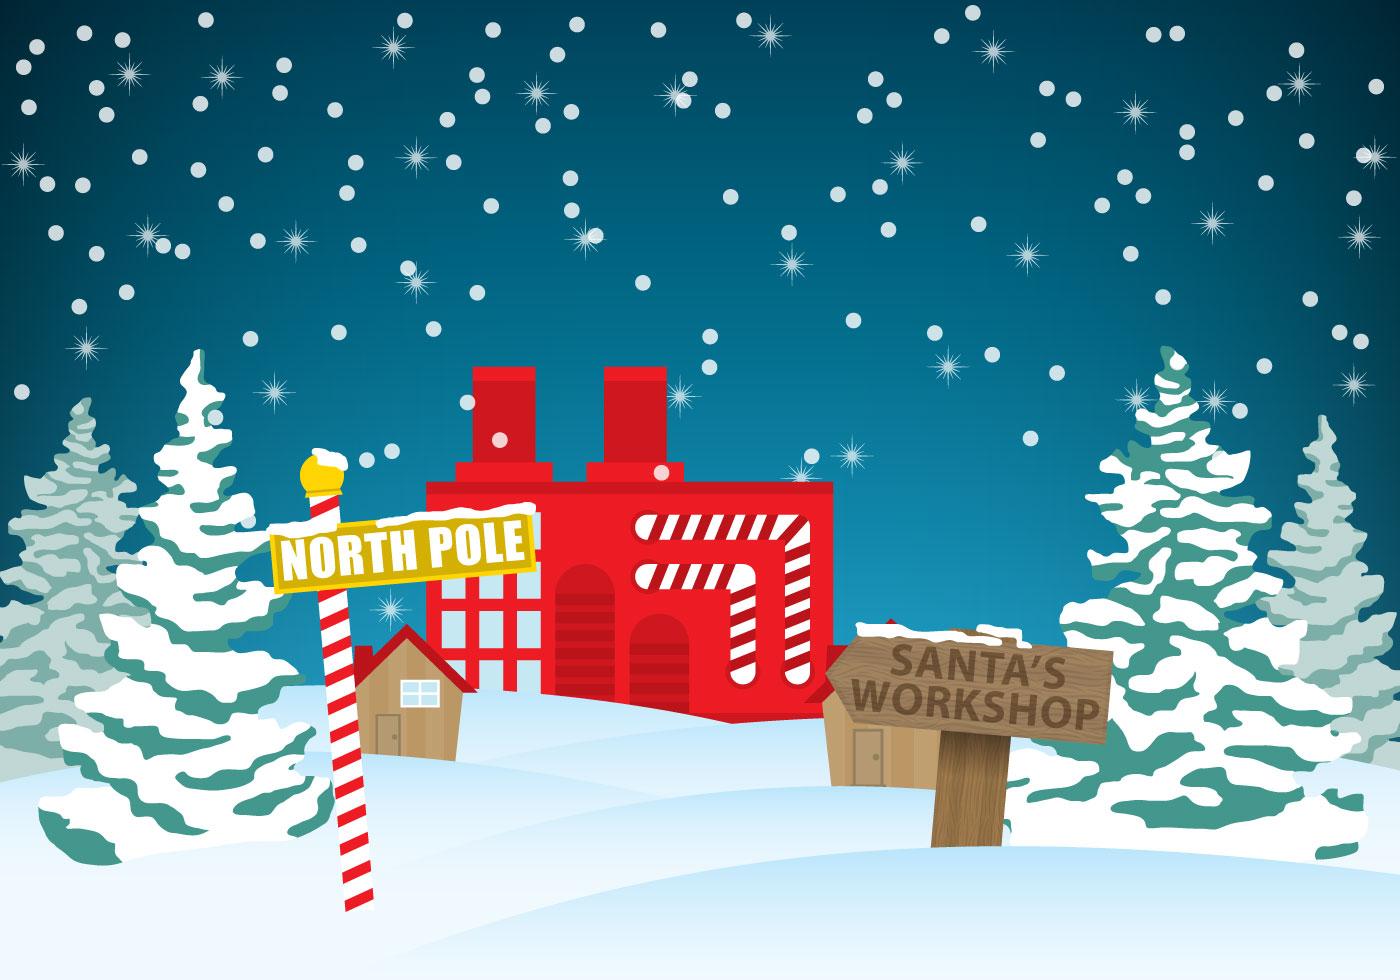 Santas workshop vector download free vector art stock graphics santas workshop vector download free vector art stock graphics images m4hsunfo